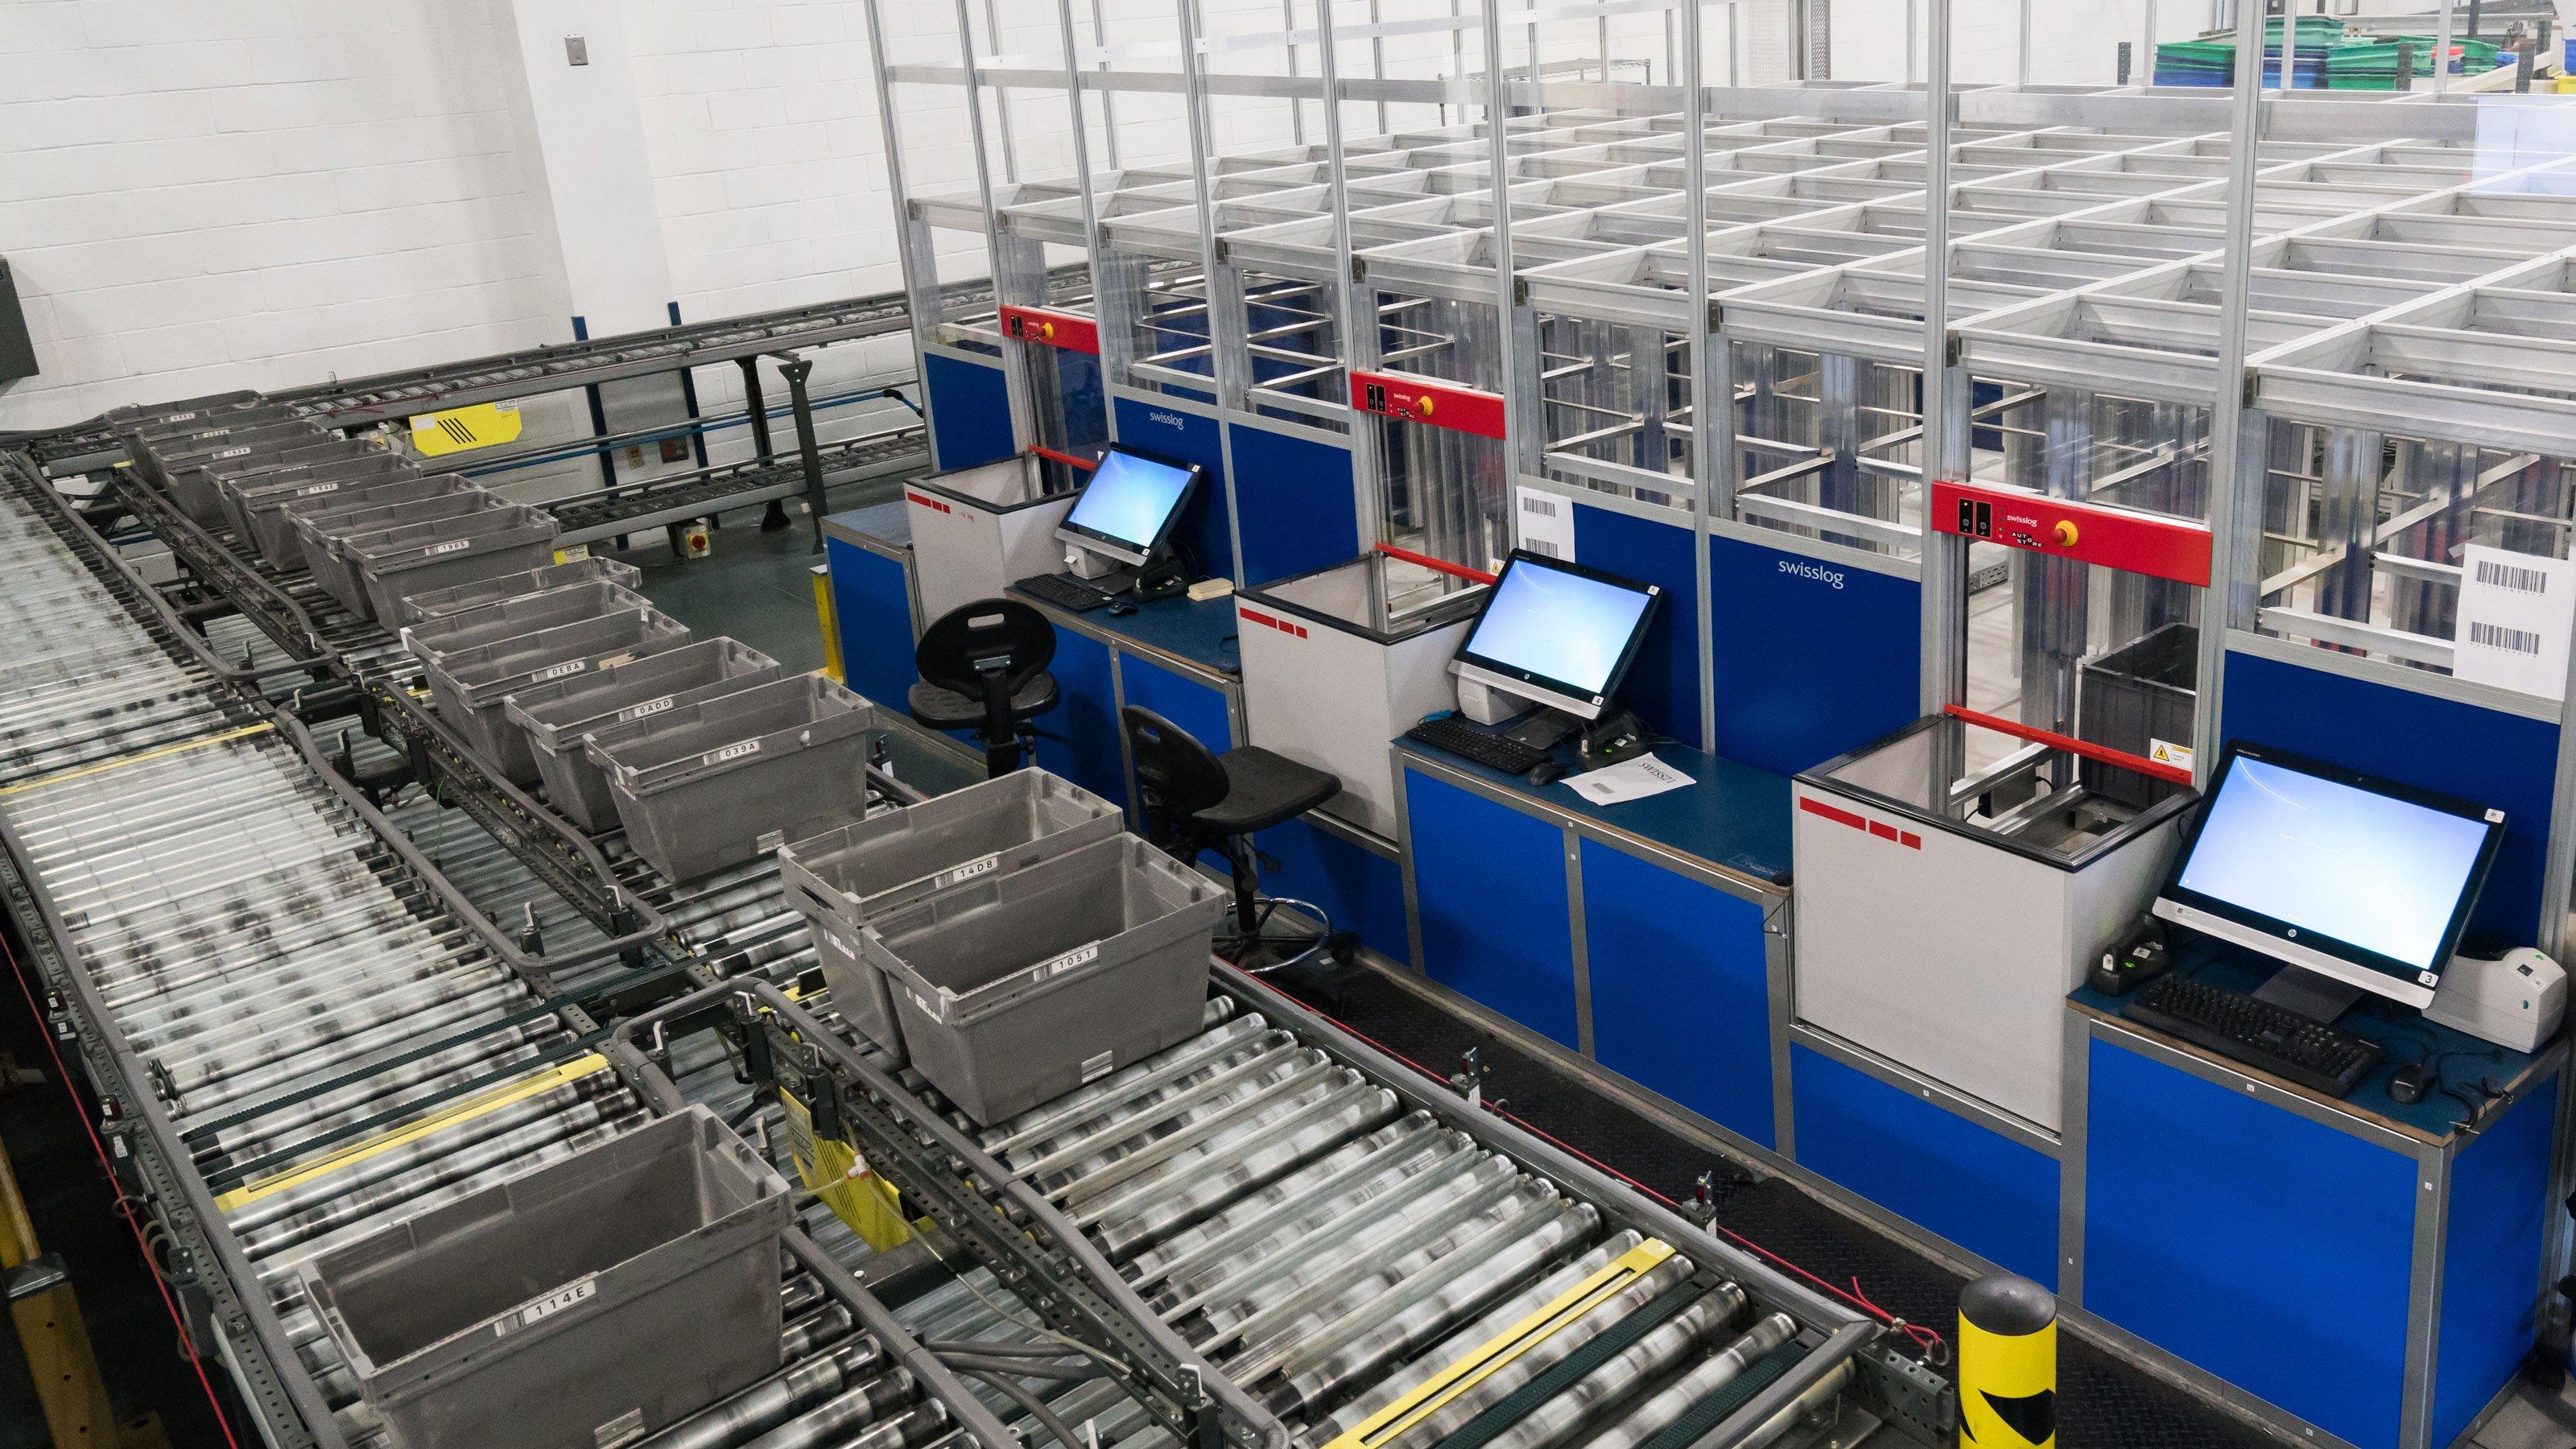 Radwell International Automated Warehouse Swisslog